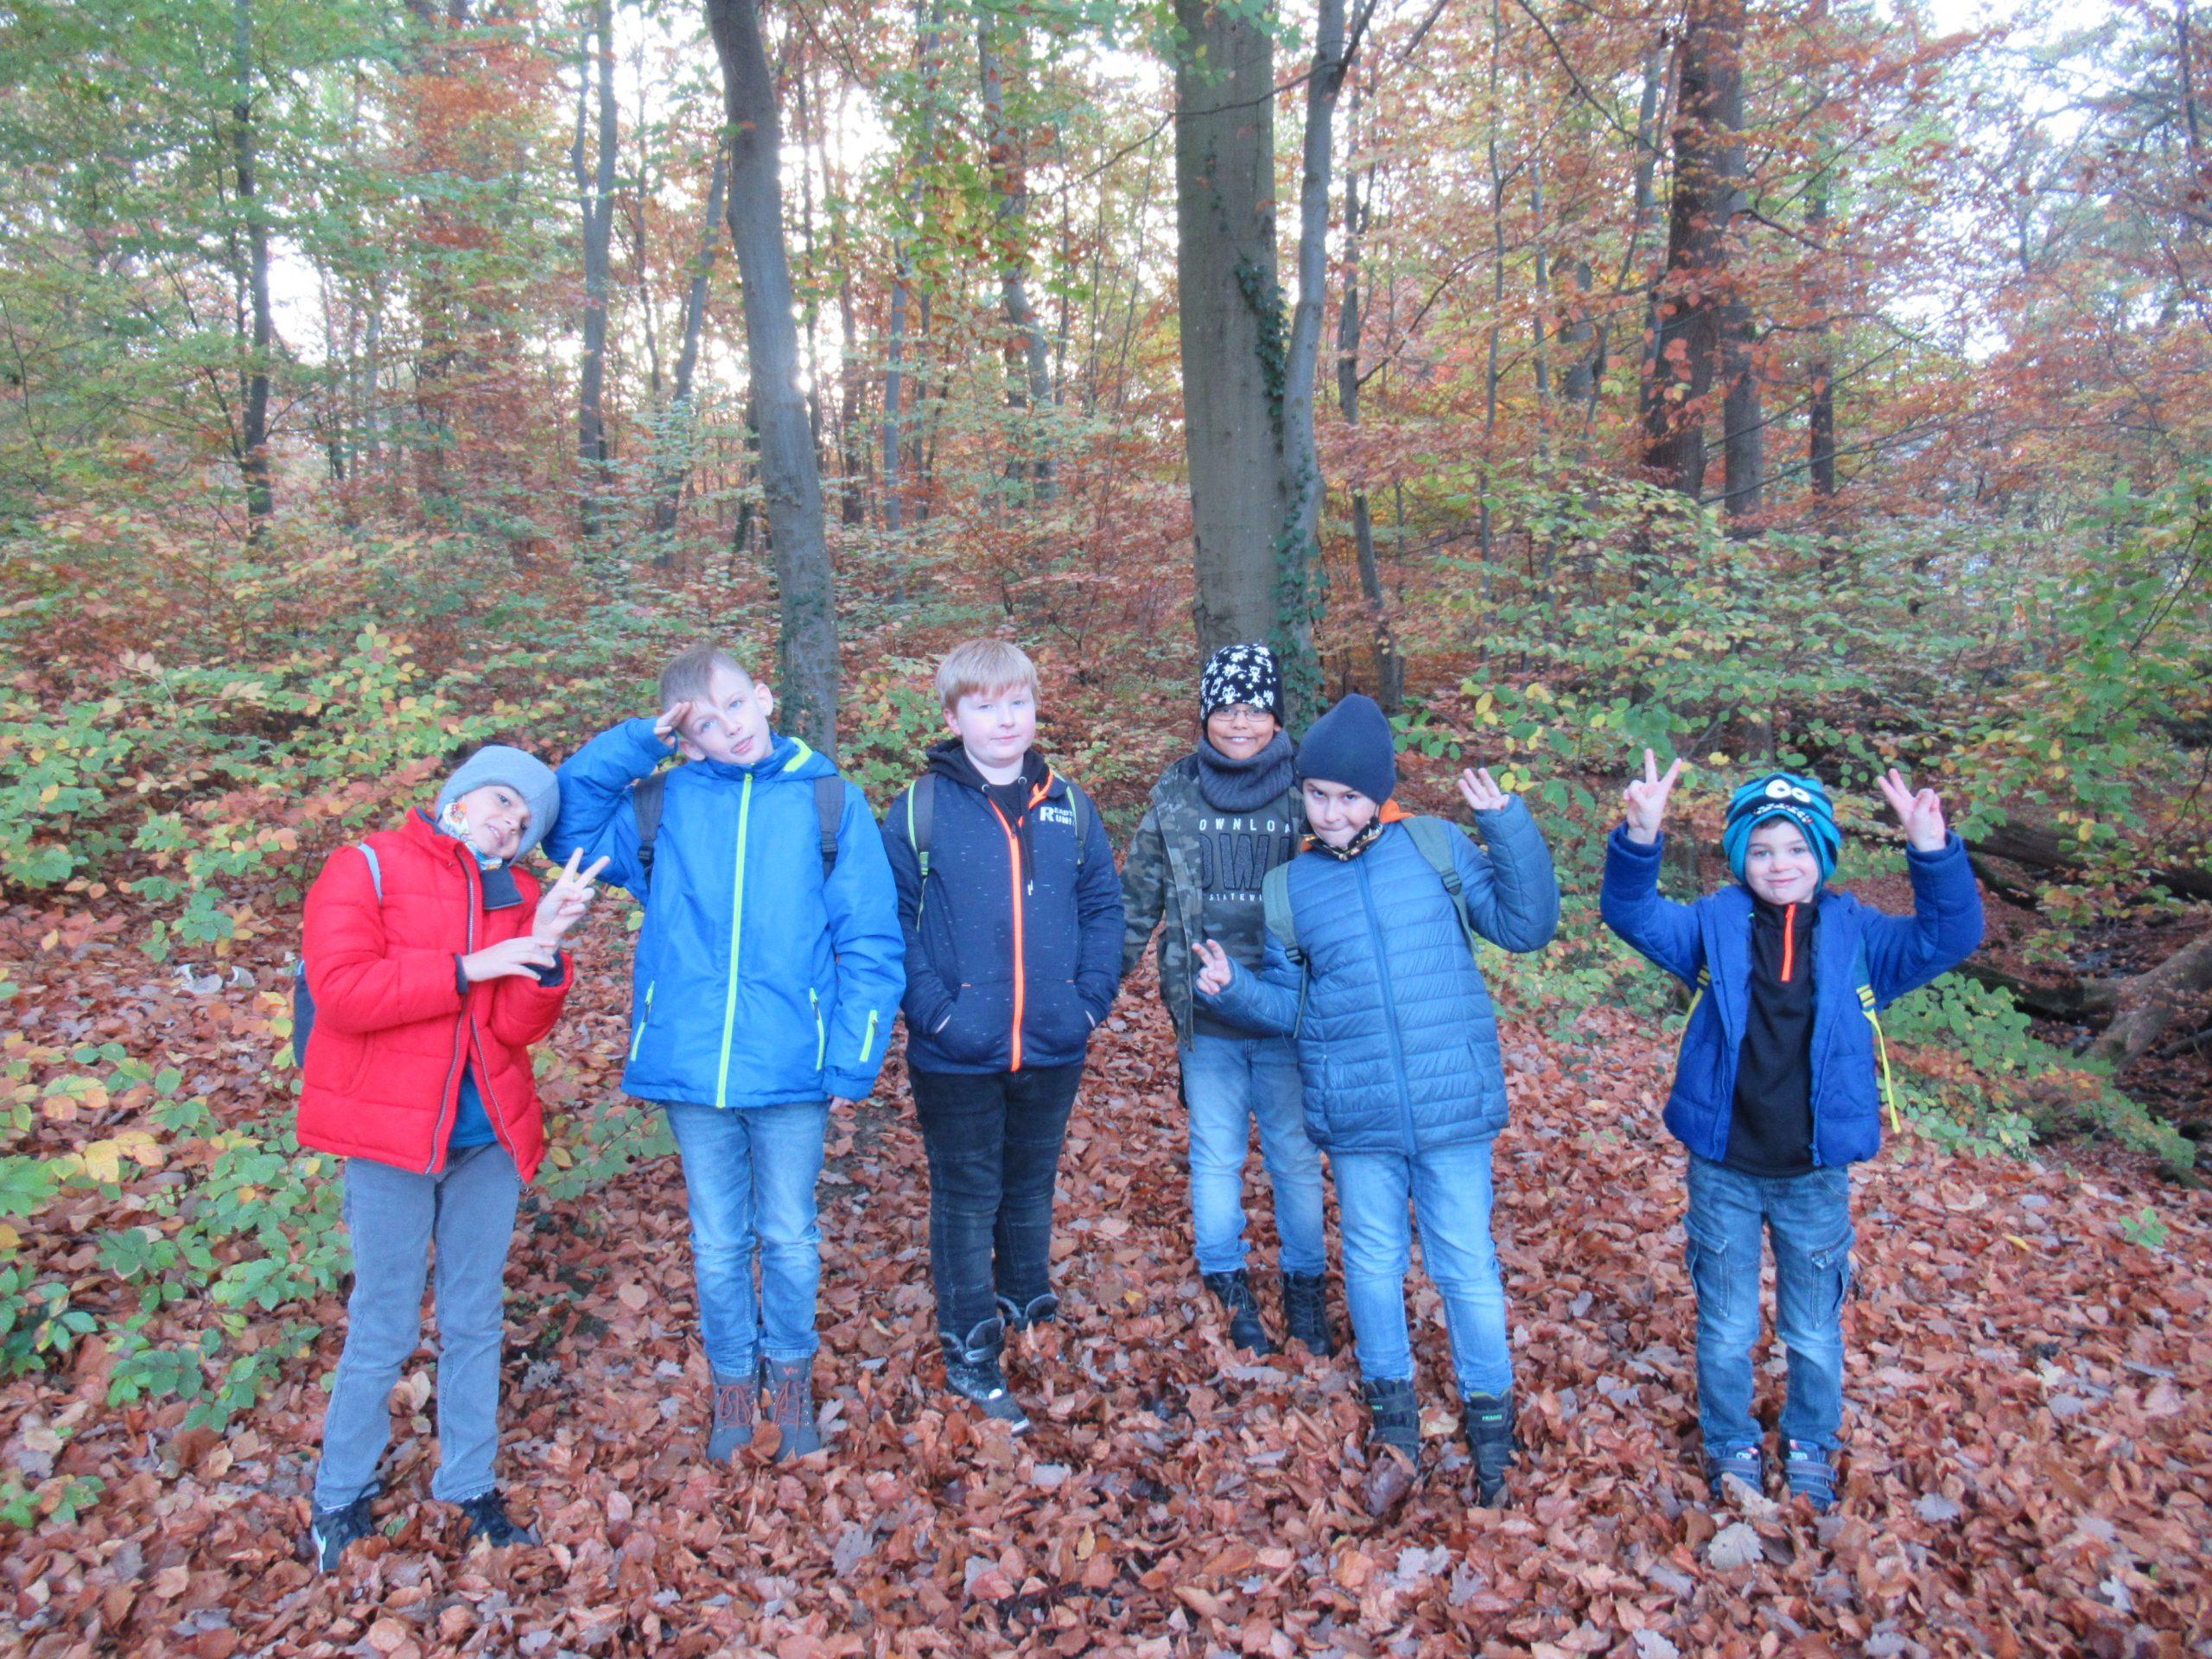 Bergwanderung der Klasse GSFL 3-4: Schülerbericht